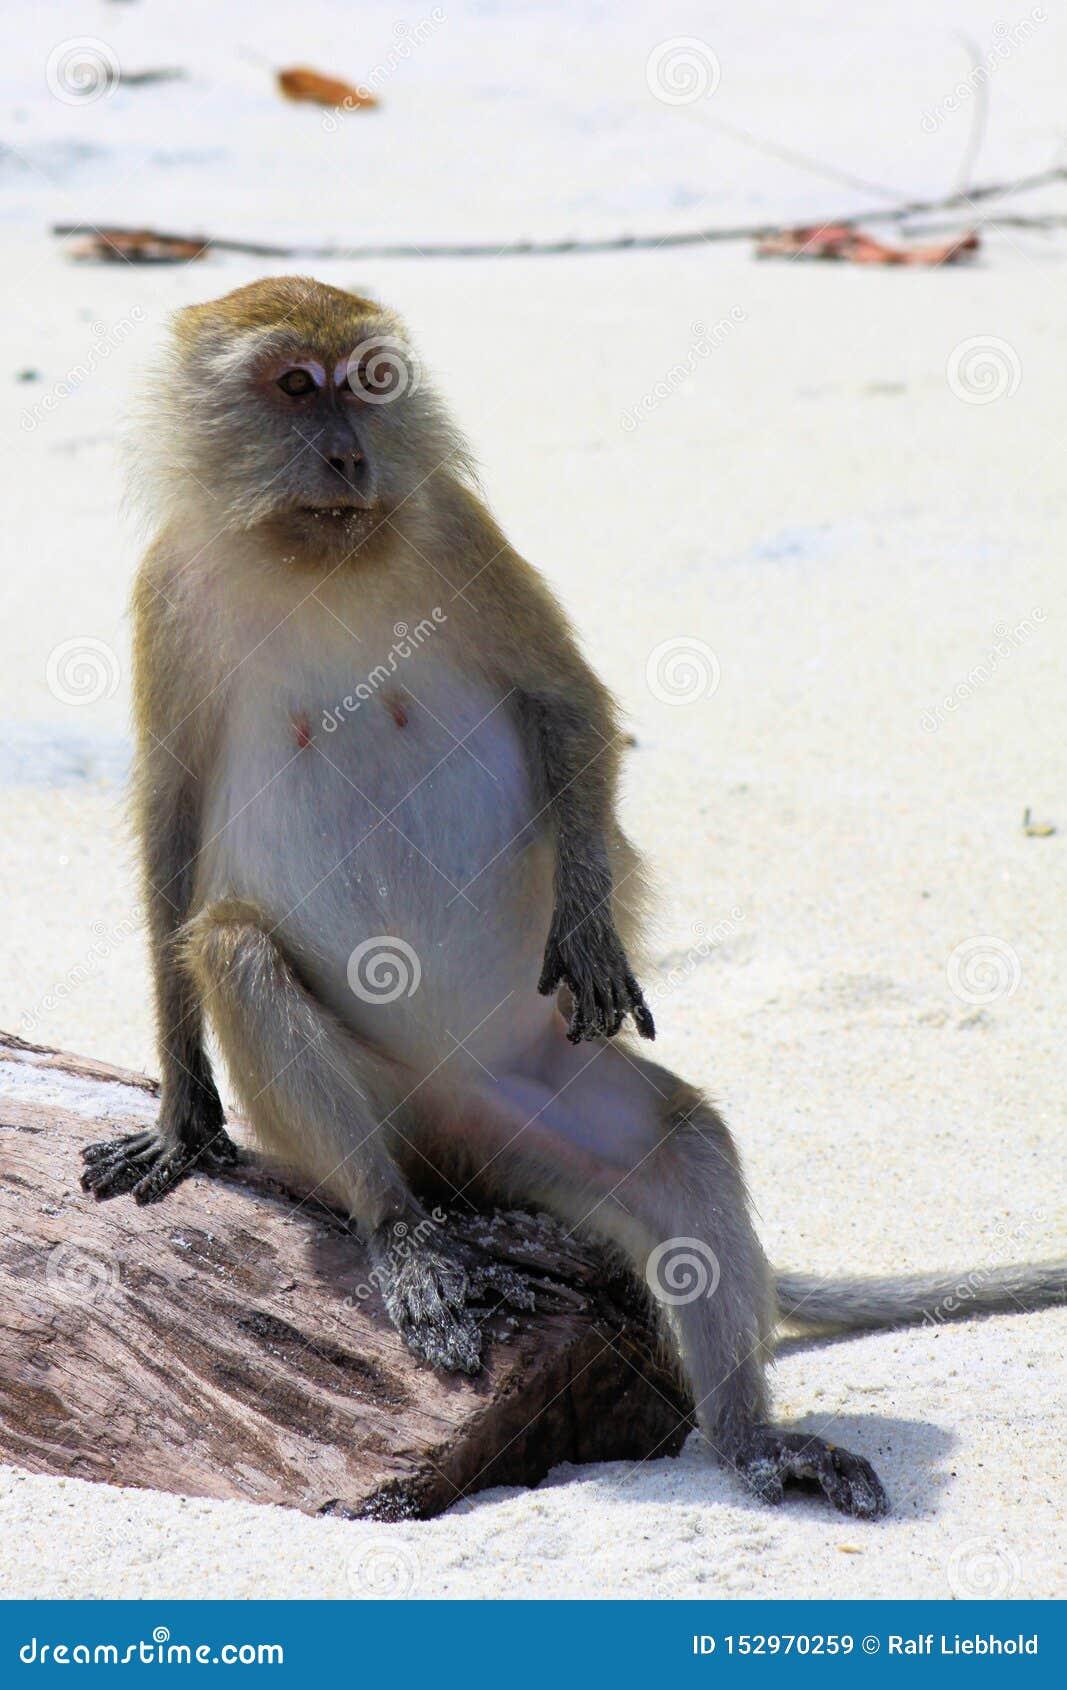 Framstickandet: Apakrabba som äter den långa tailed macaquen, Macacafascicularis som sitter på en stam i kall mänsklig position